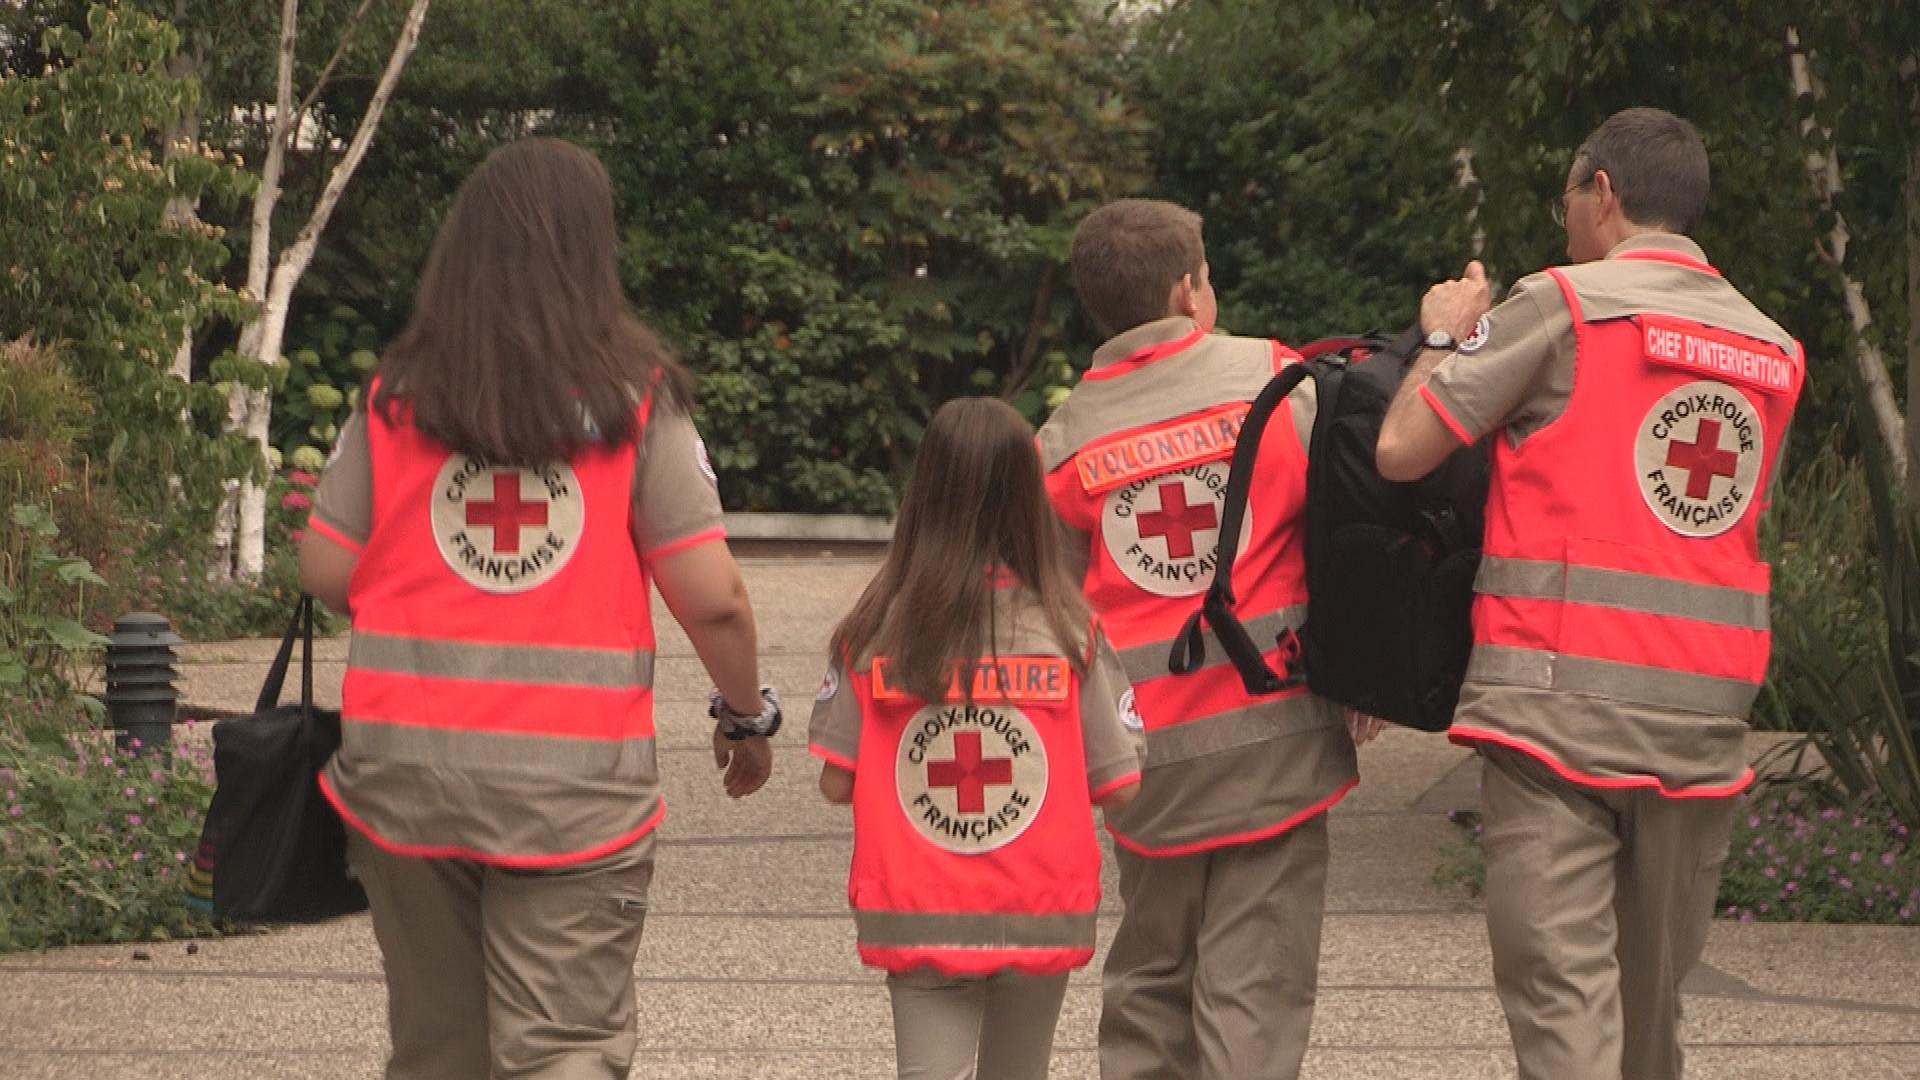 Bénévoles et volontaires: des citoyens au secours des Français